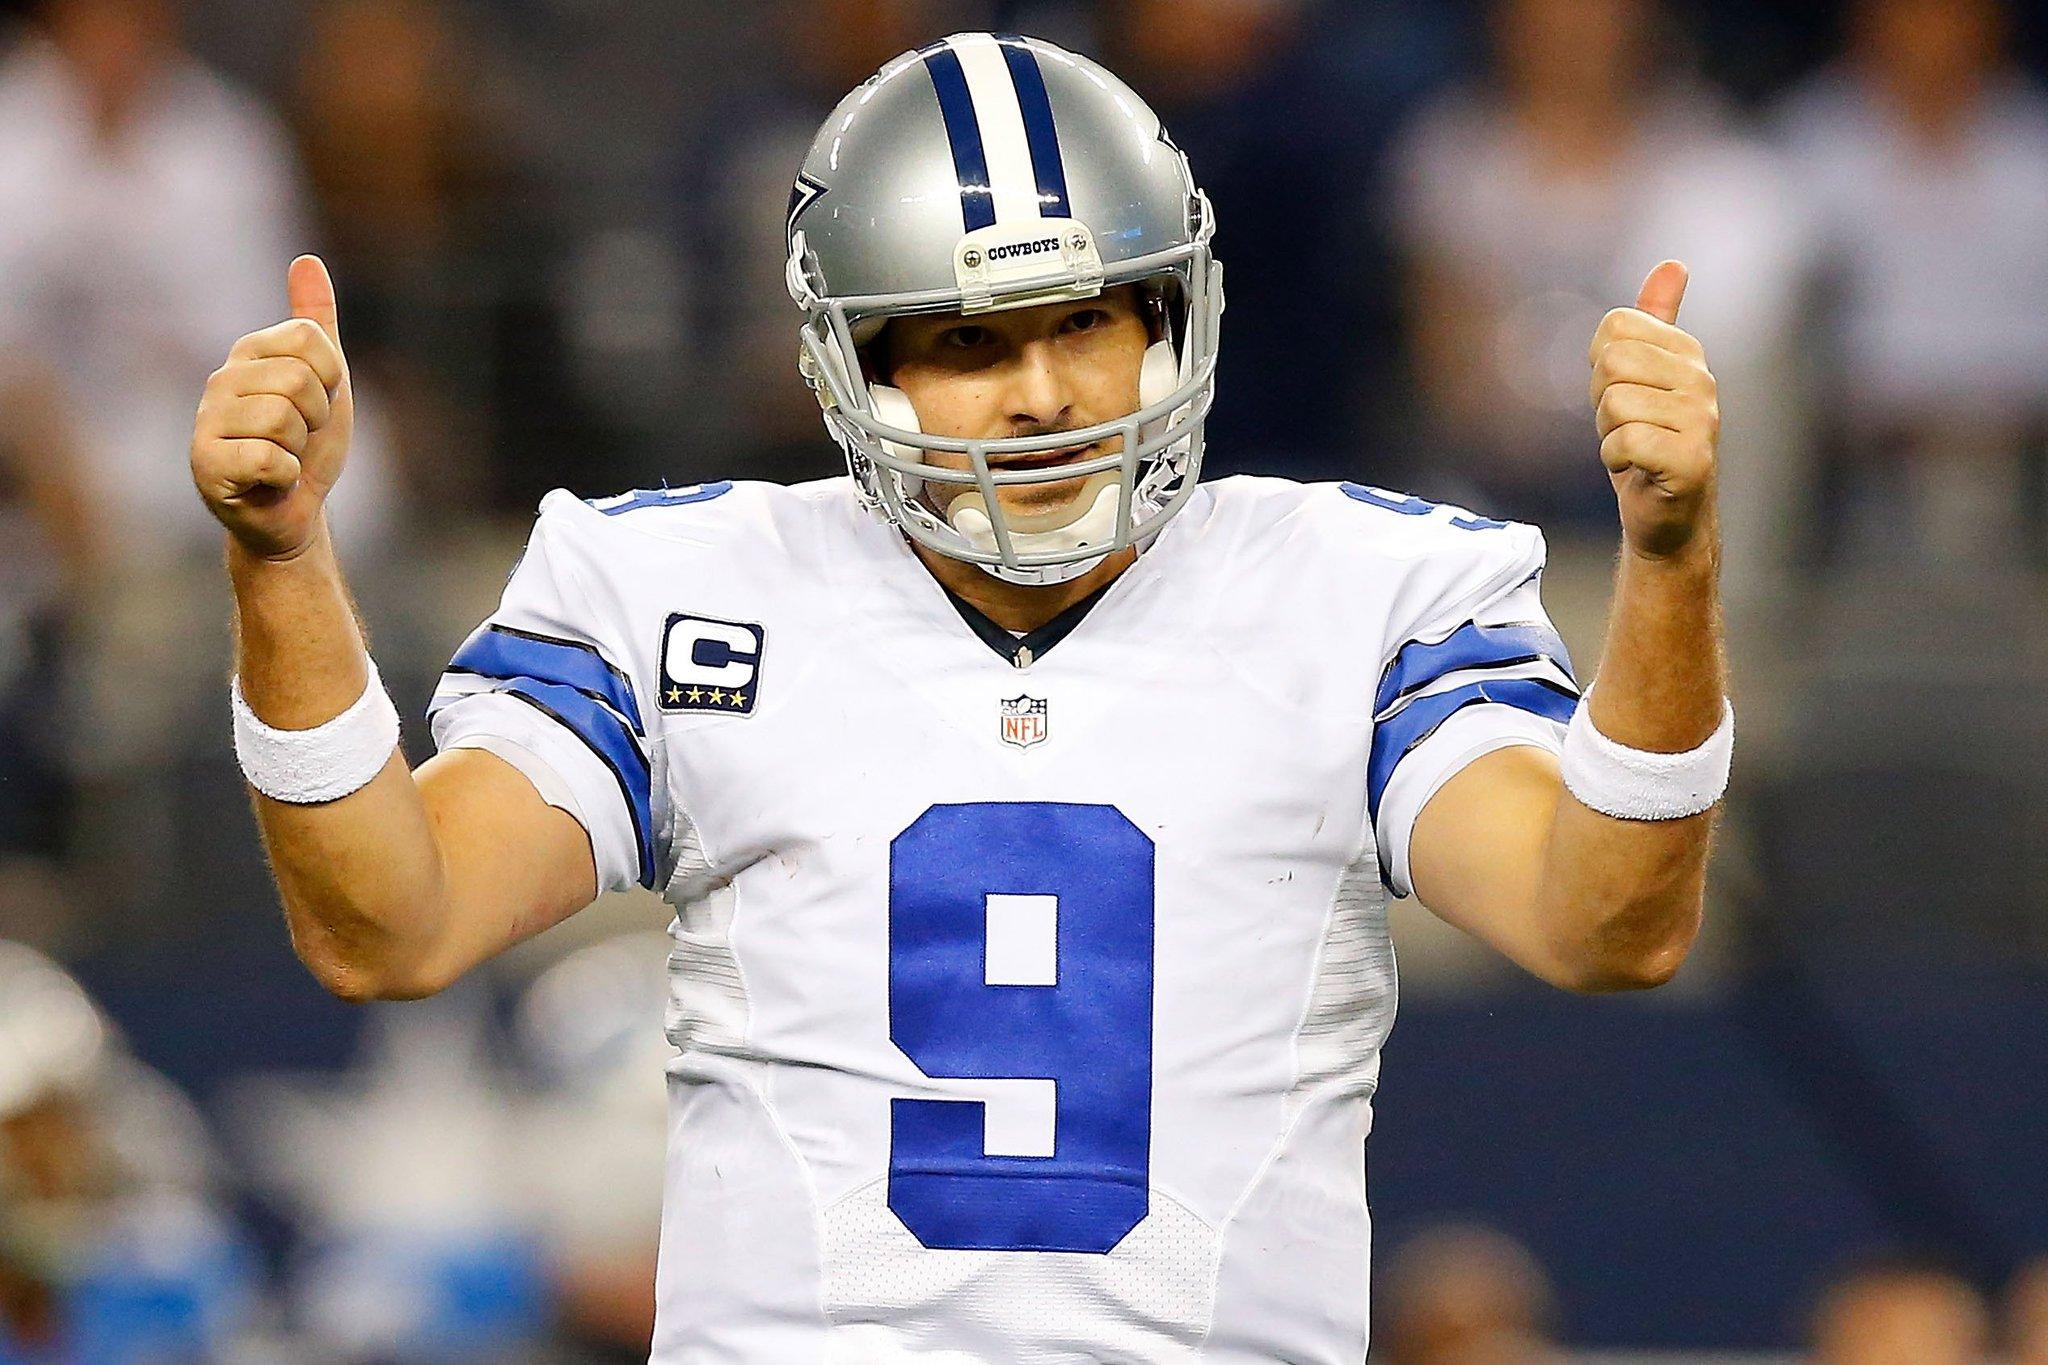 Happy Birthday to Tony Romo who turns 37 today!